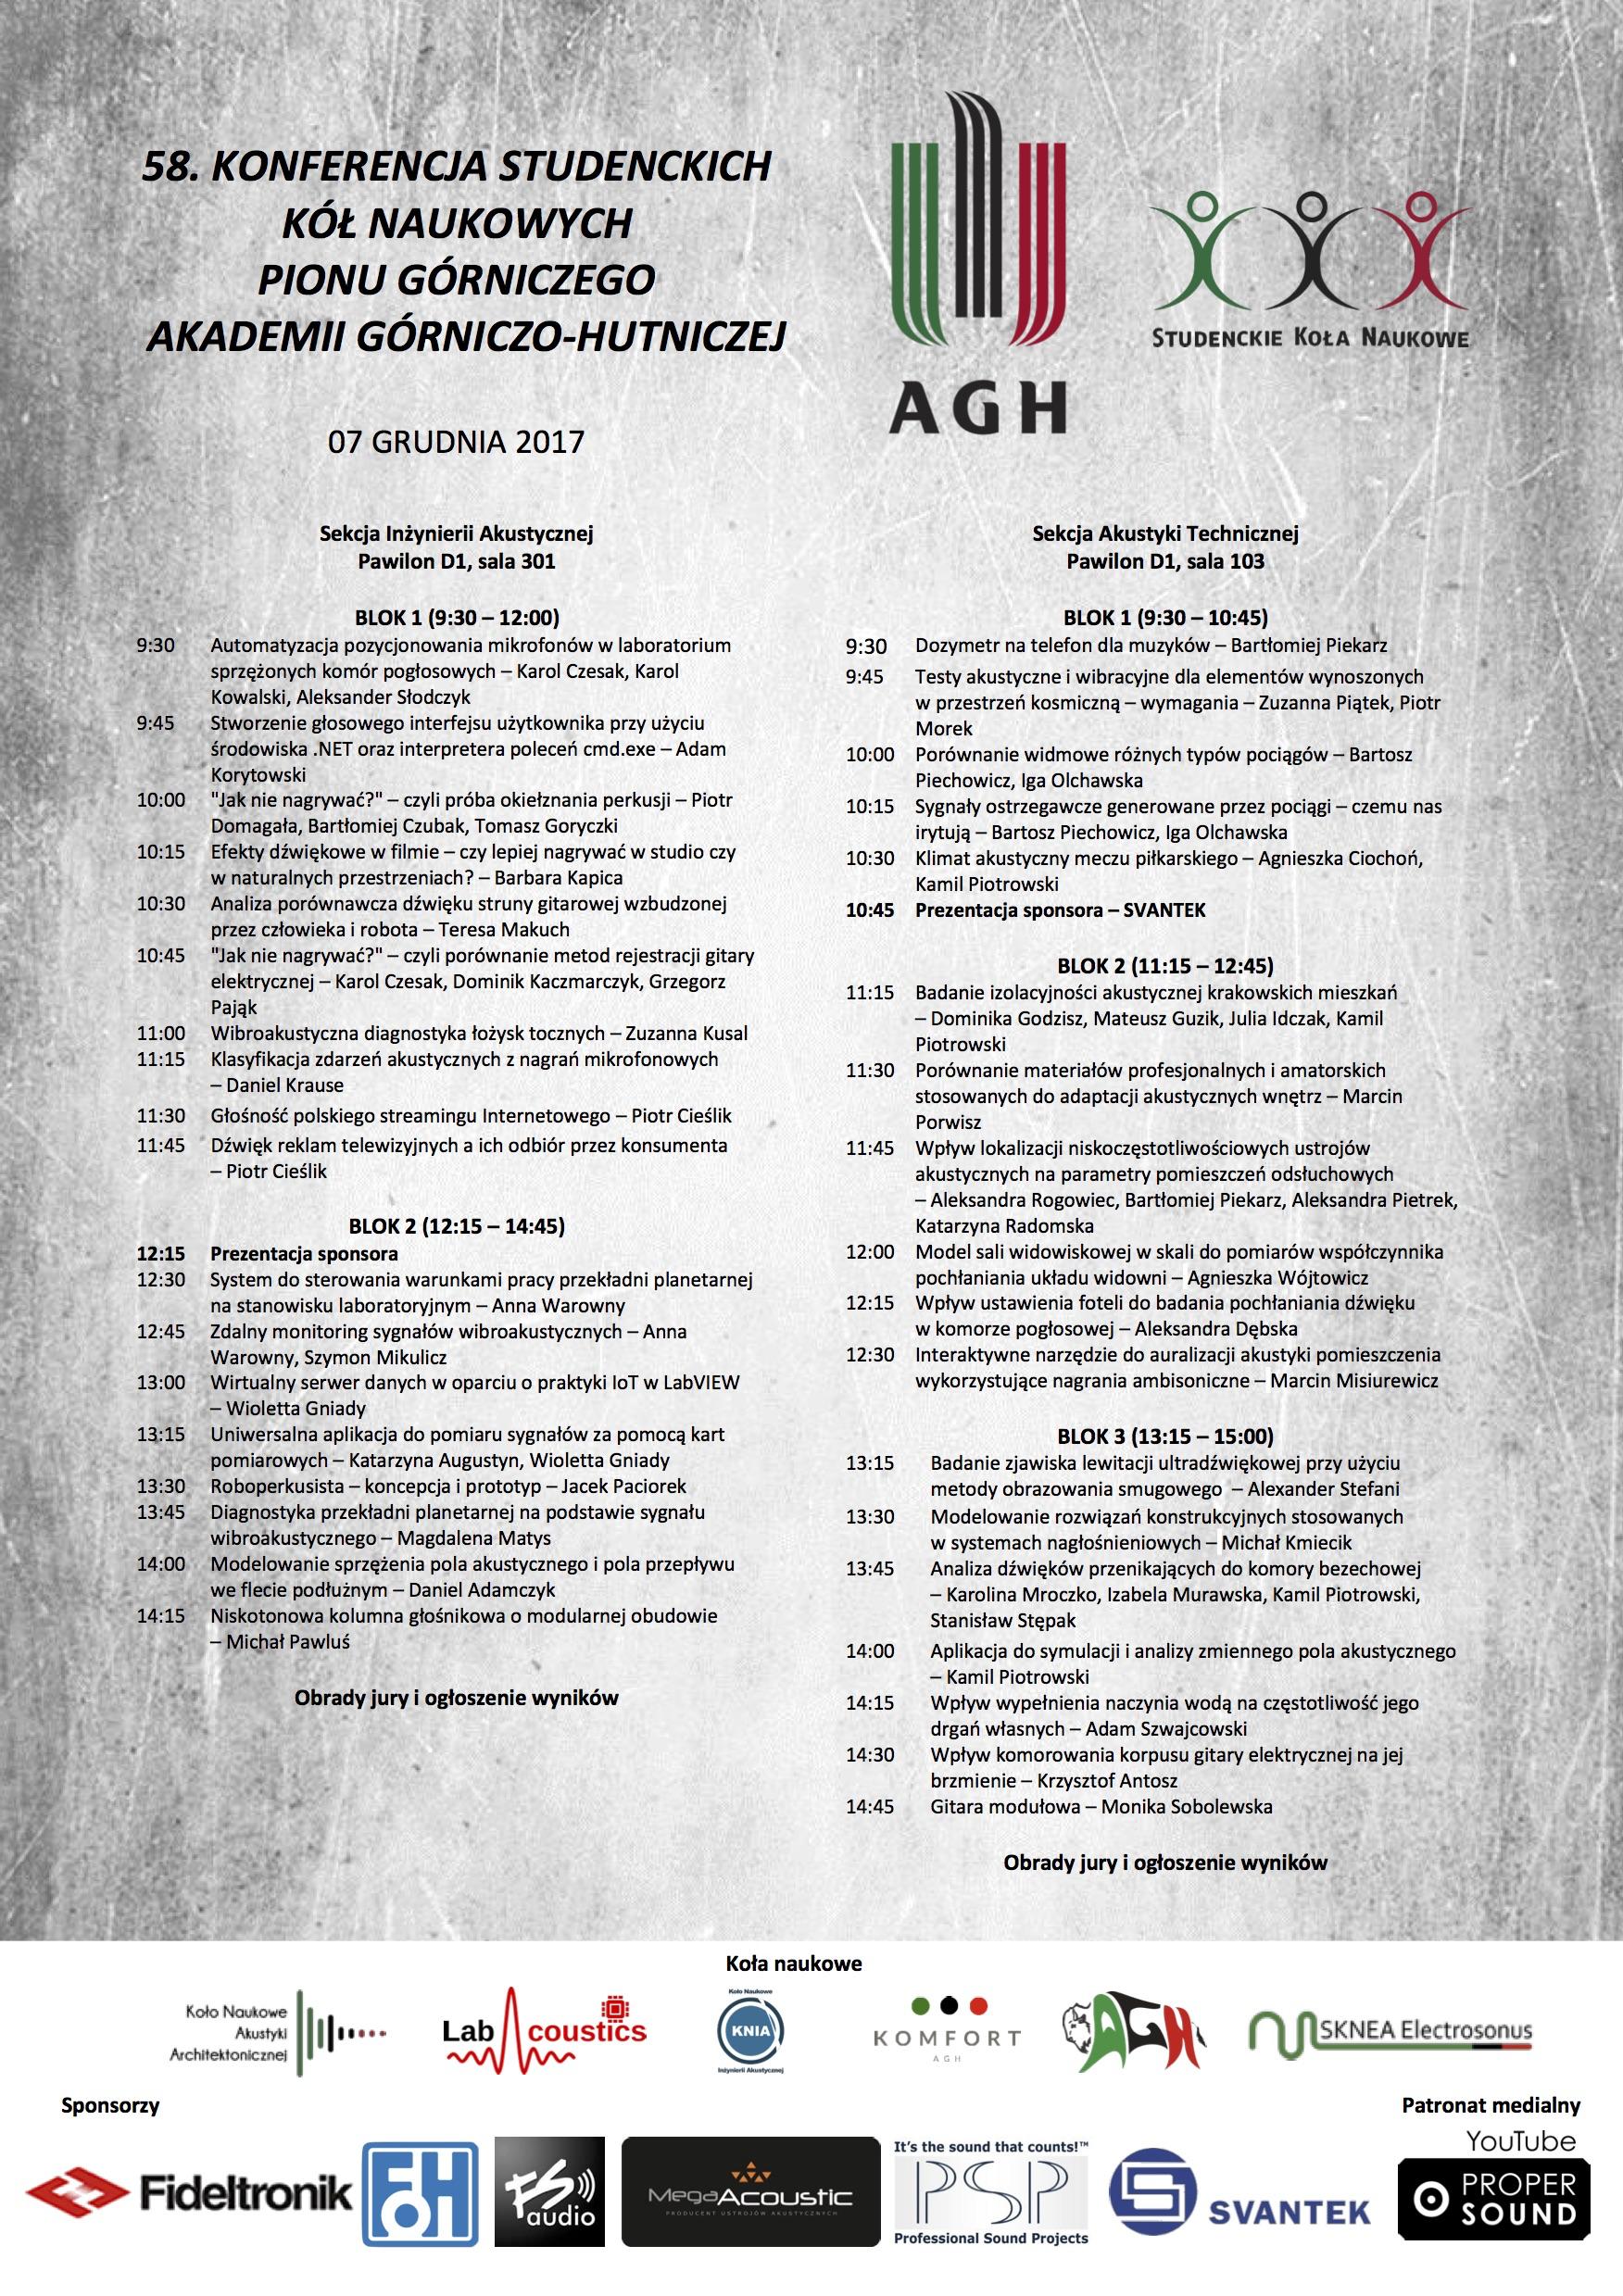 58. Konferencja KNPG – Sekcja Inżynierii Akustycznej